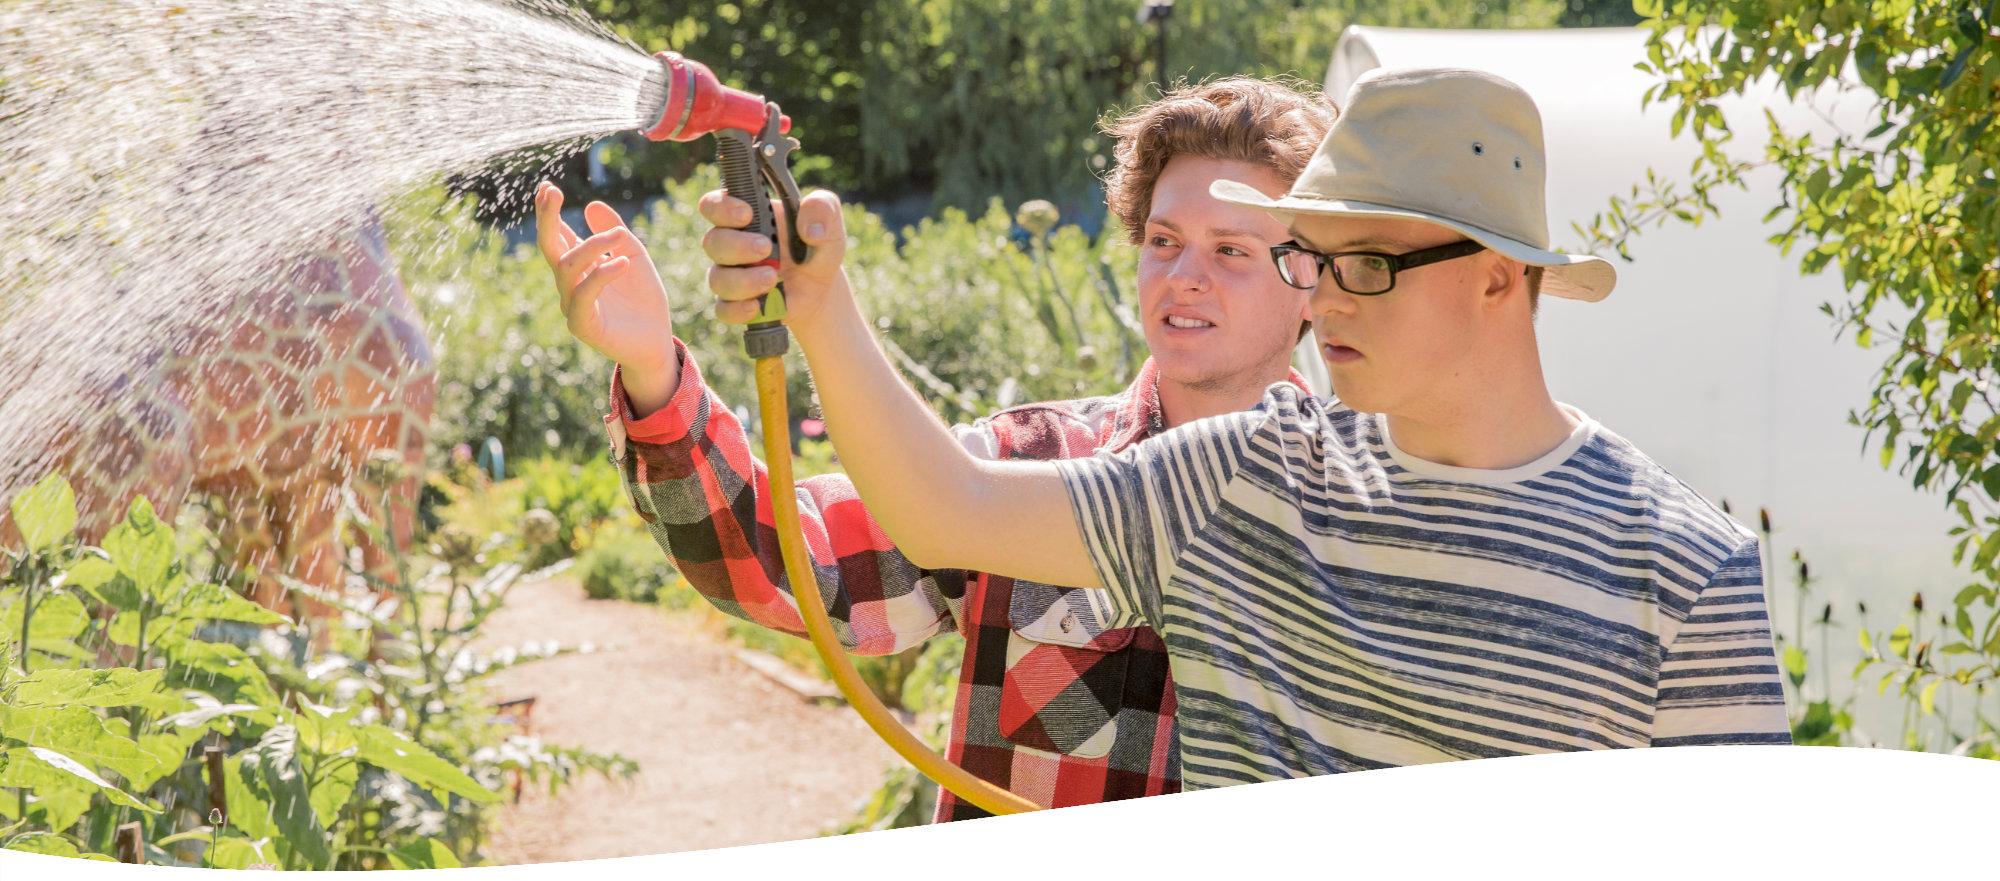 Two men watering plants